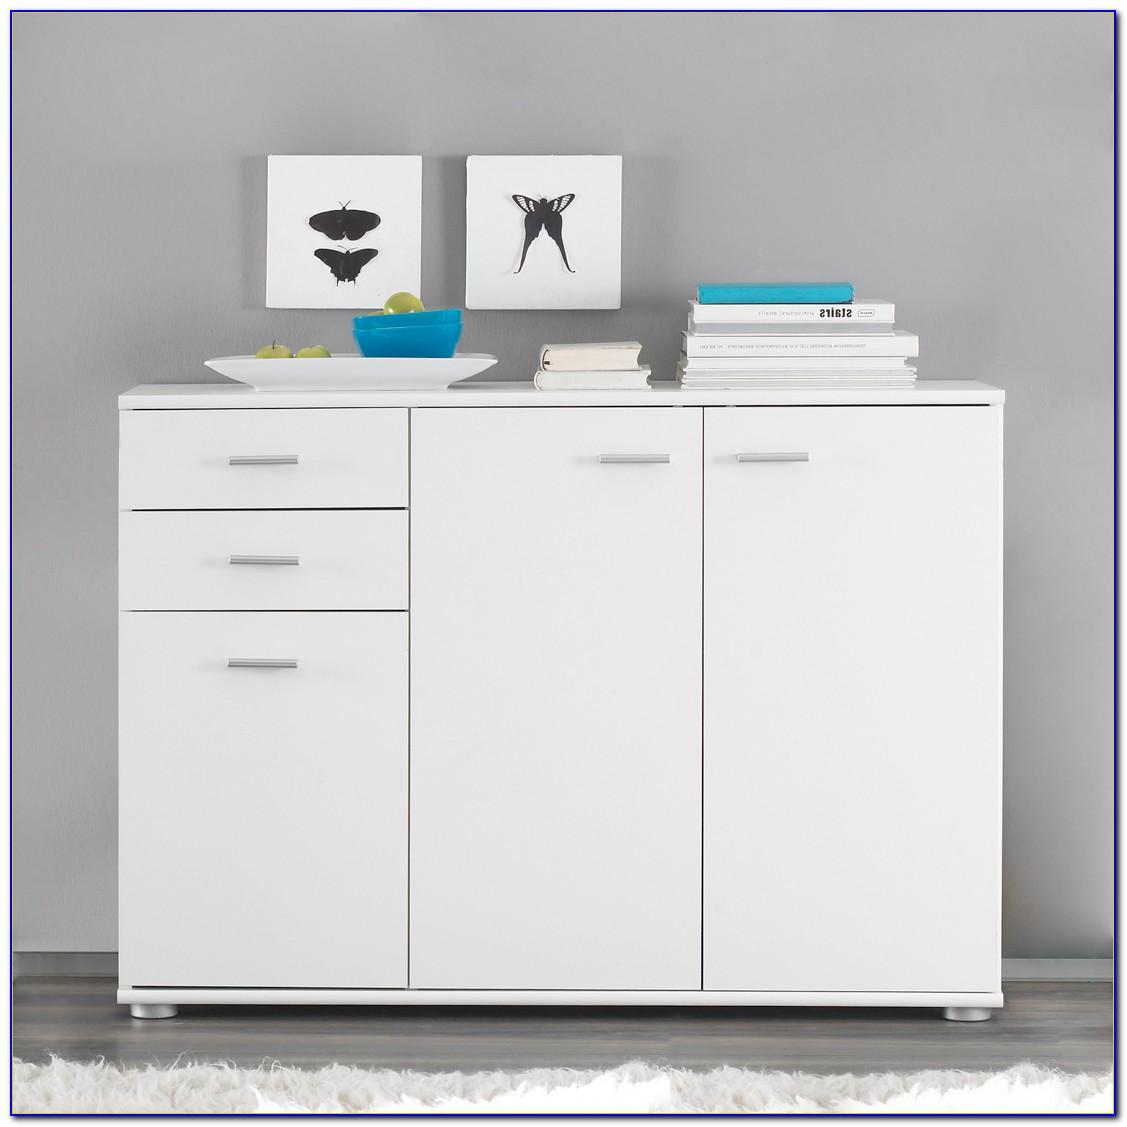 Full Size of Tiefe Ikea Kche Arbeitsplatte 90 Haus Küche Kaufen Kosten Singleküche Mit E Geräten Betten Bei Sofa Schlaffunktion 160x200 Miniküche Kühlschrank Wohnzimmer Singleküche Ikea Värde